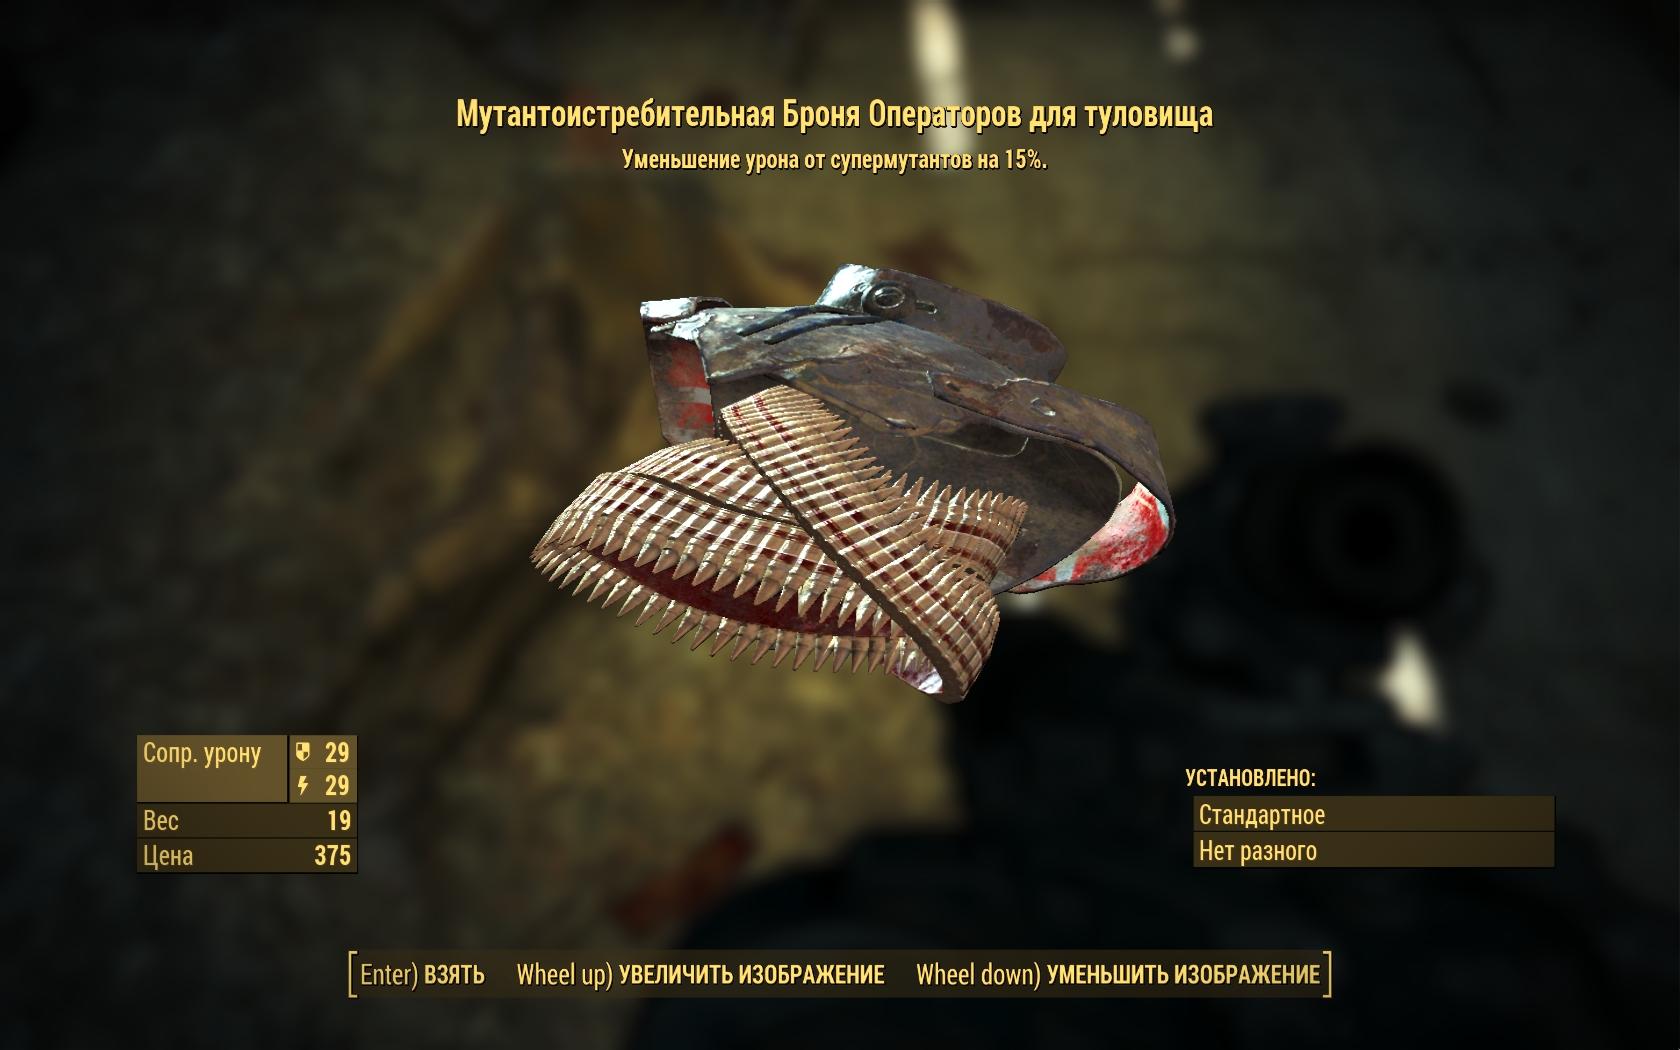 Мутантоистребительная броня Операторов для туловища - Fallout 4 Броня